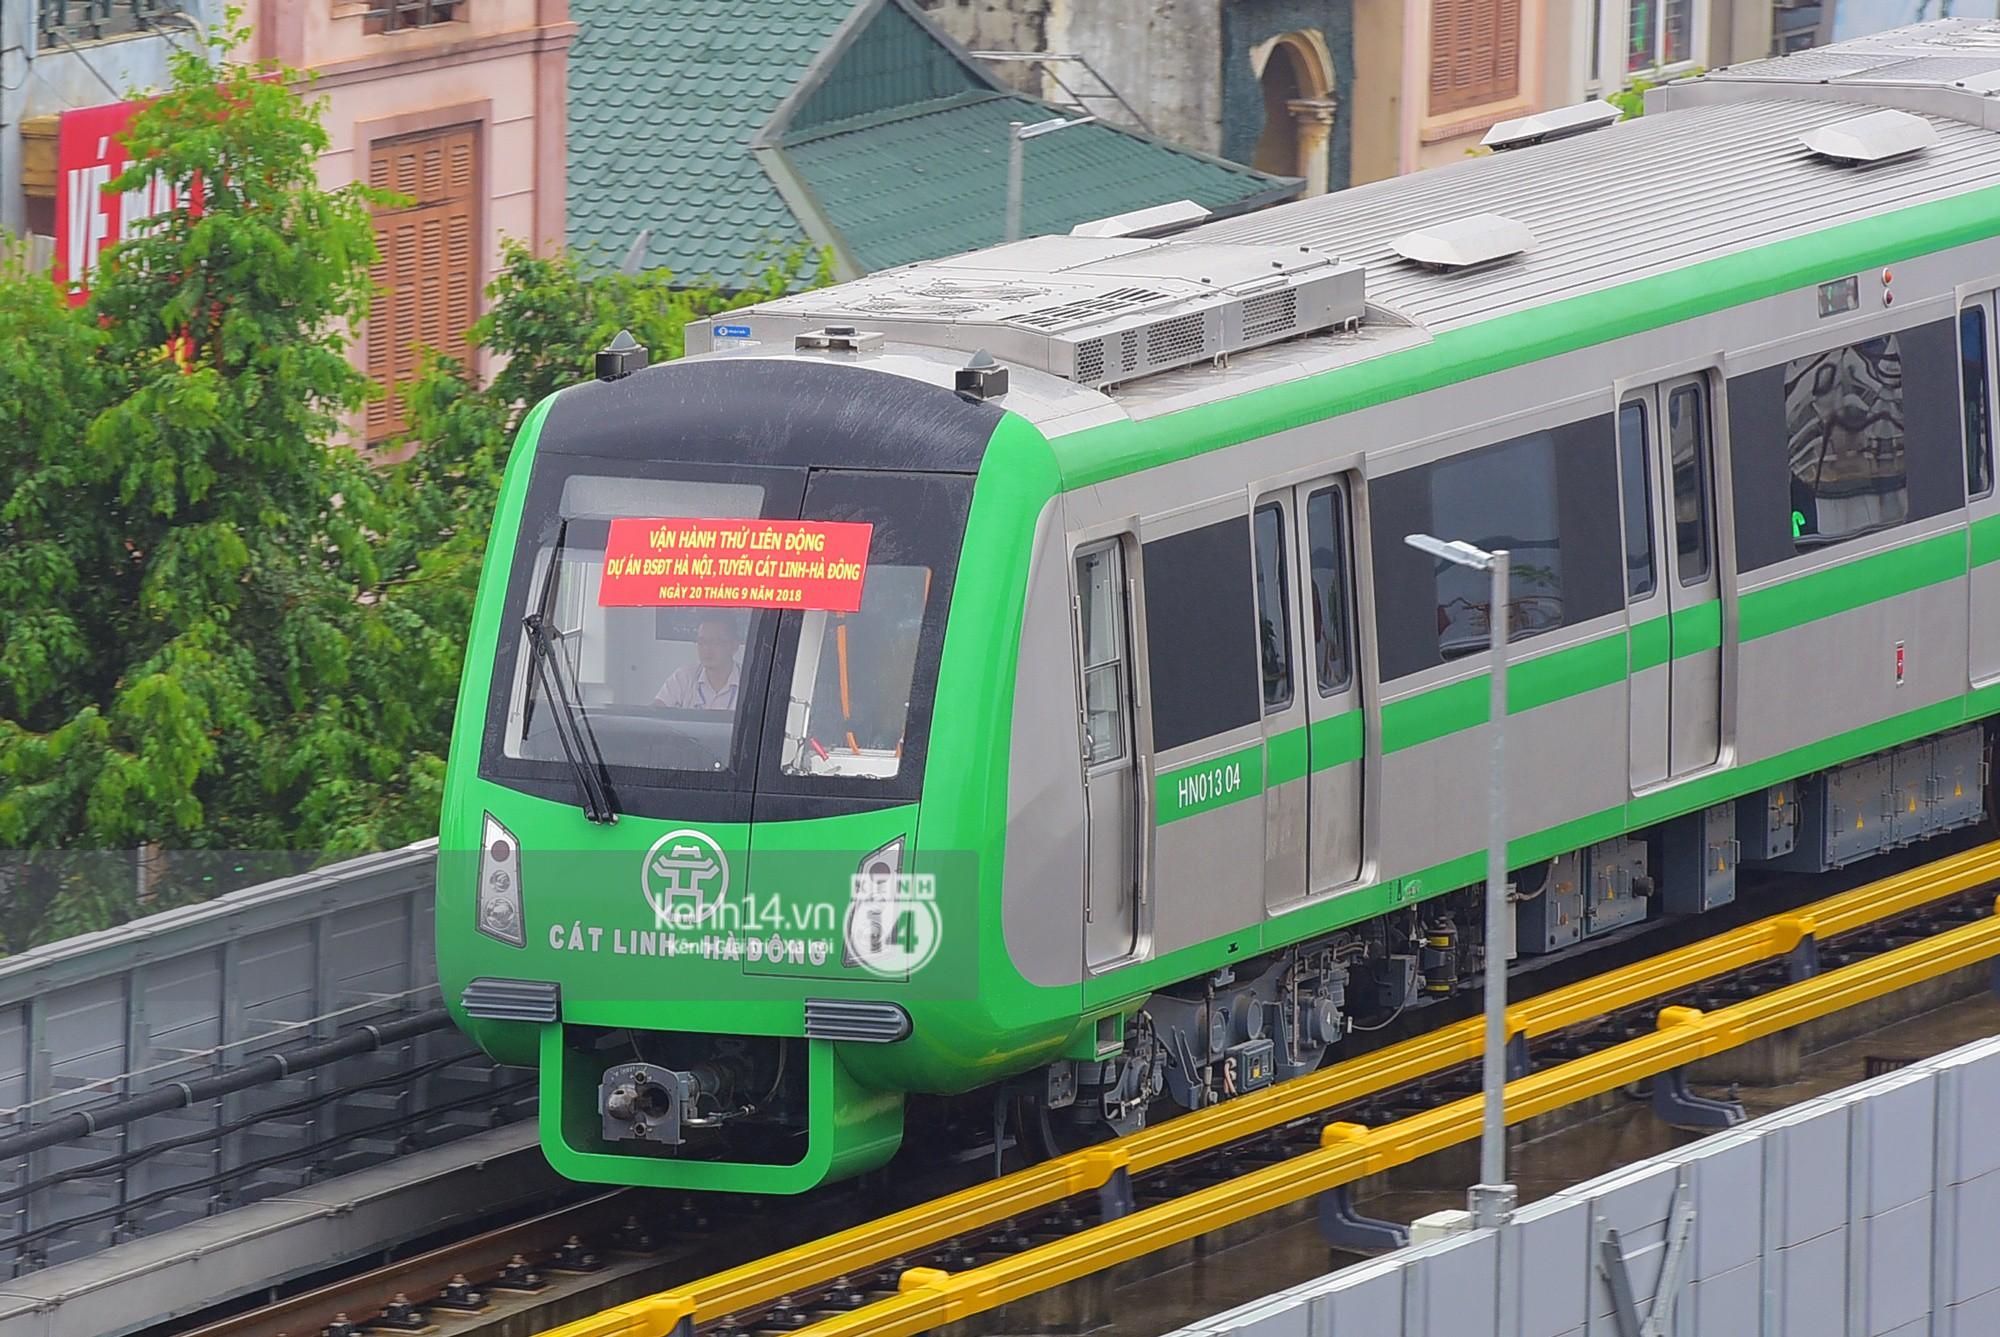 Ảnh, clip: 4 đoàn tàu đường sắt trên cao bất ngờ di chuyển trong mưa trước ngày chạy thử - Ảnh 7.